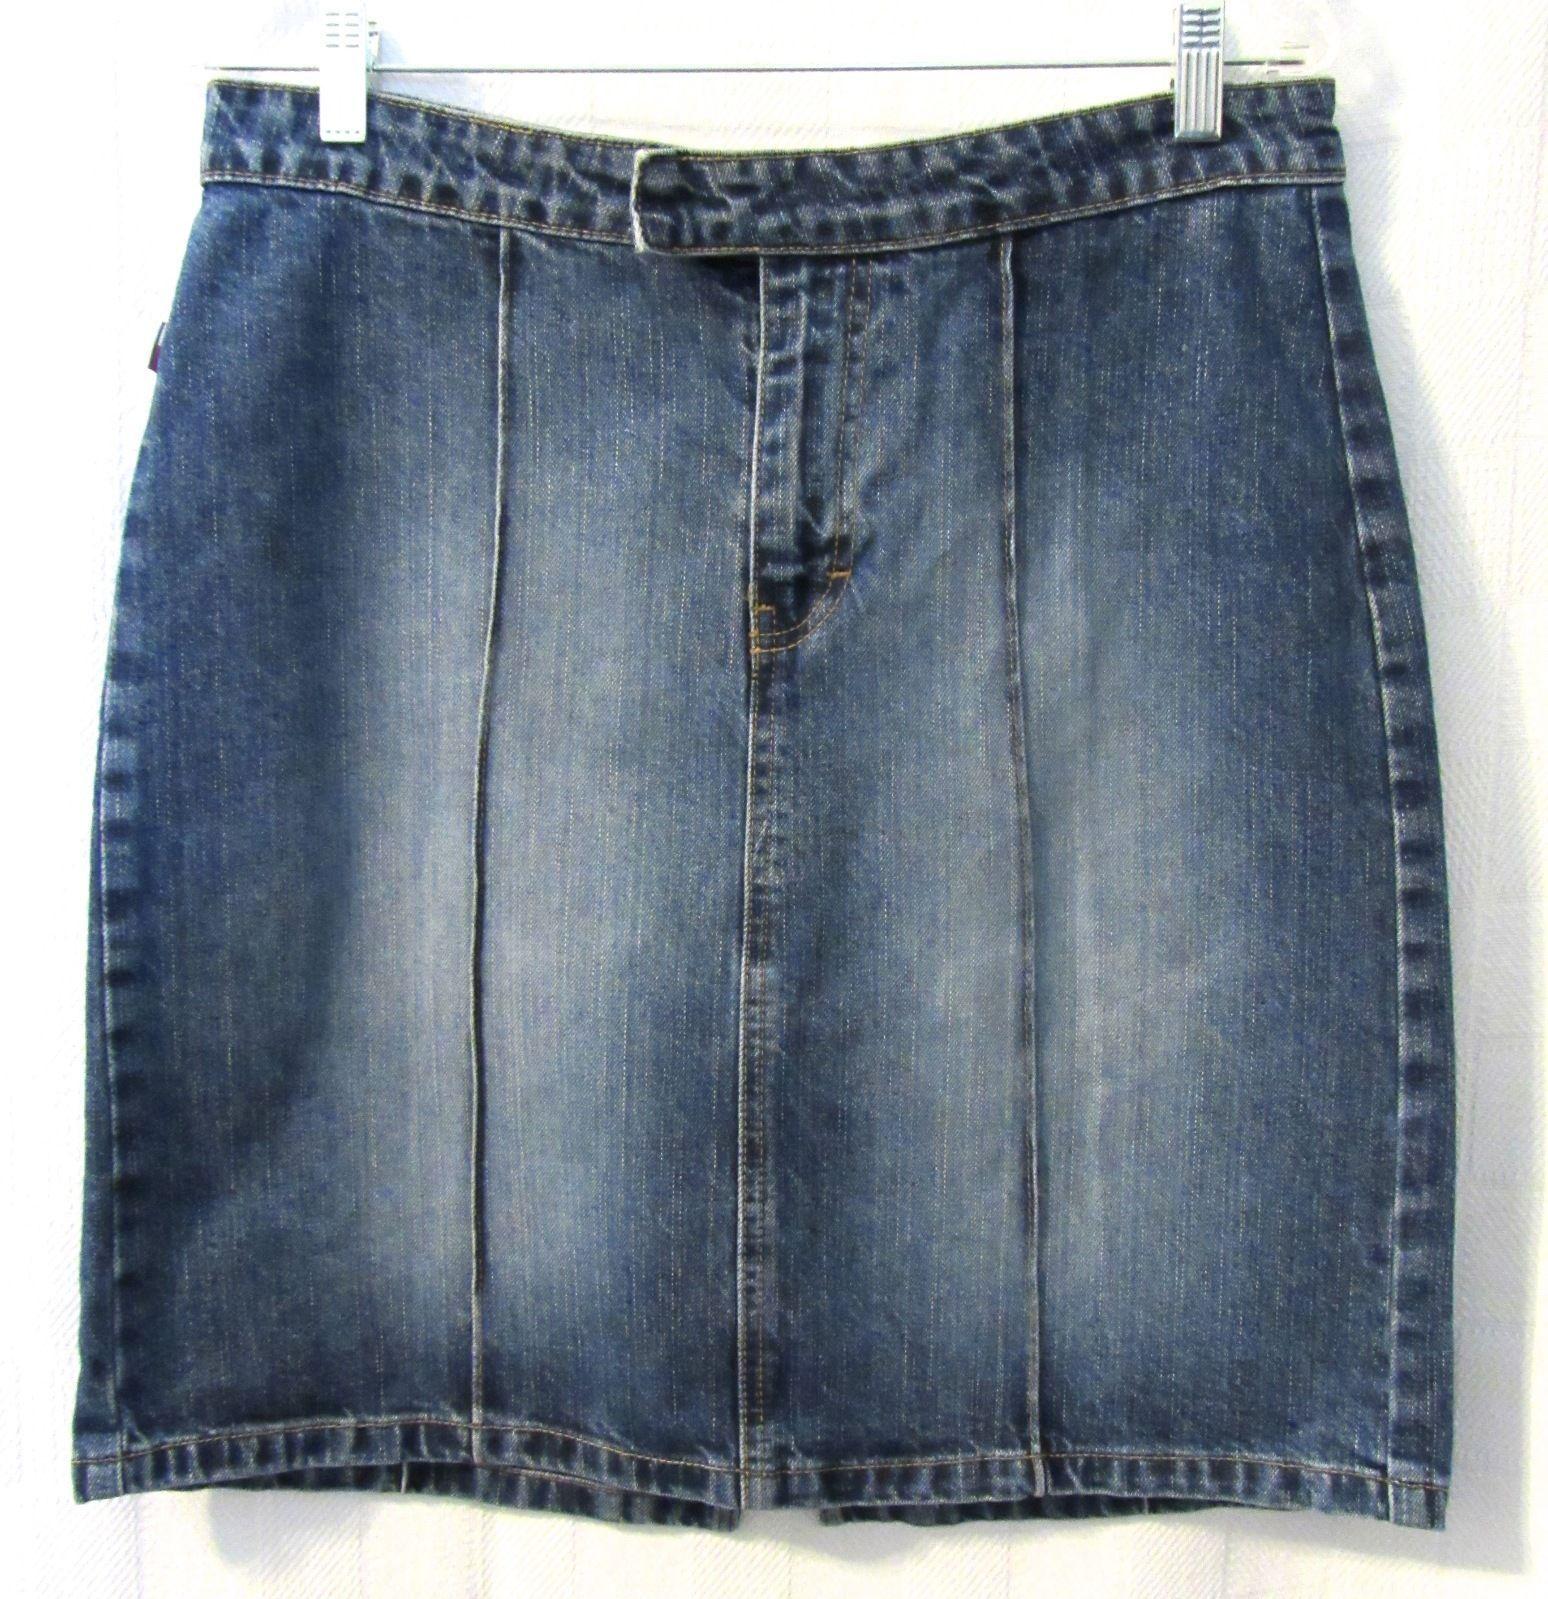 hilfiger junior knee length solid blue denim